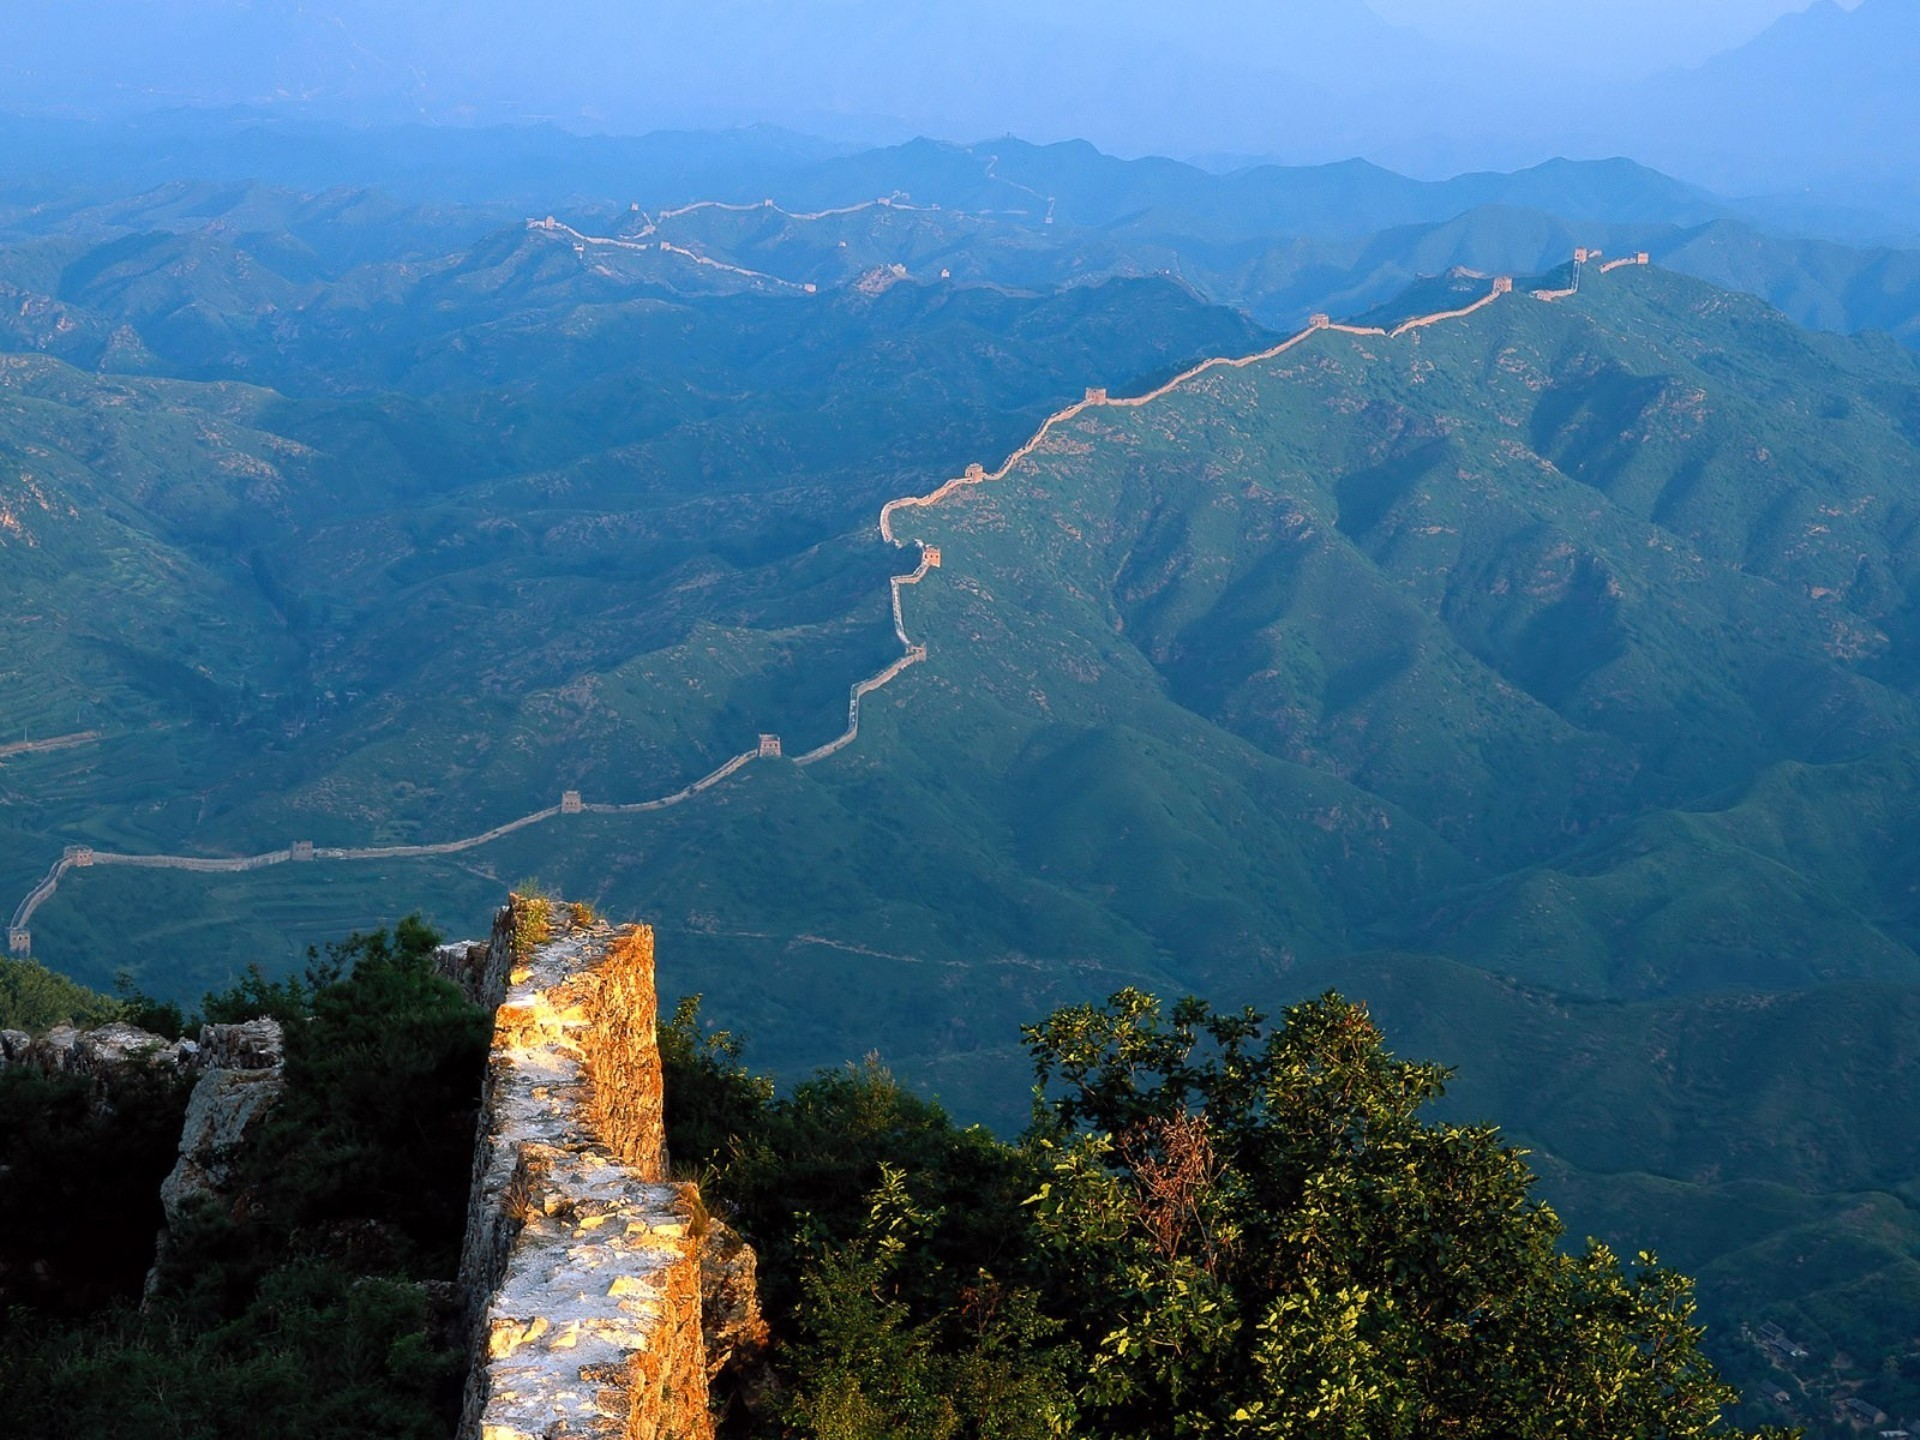 great wall of china image